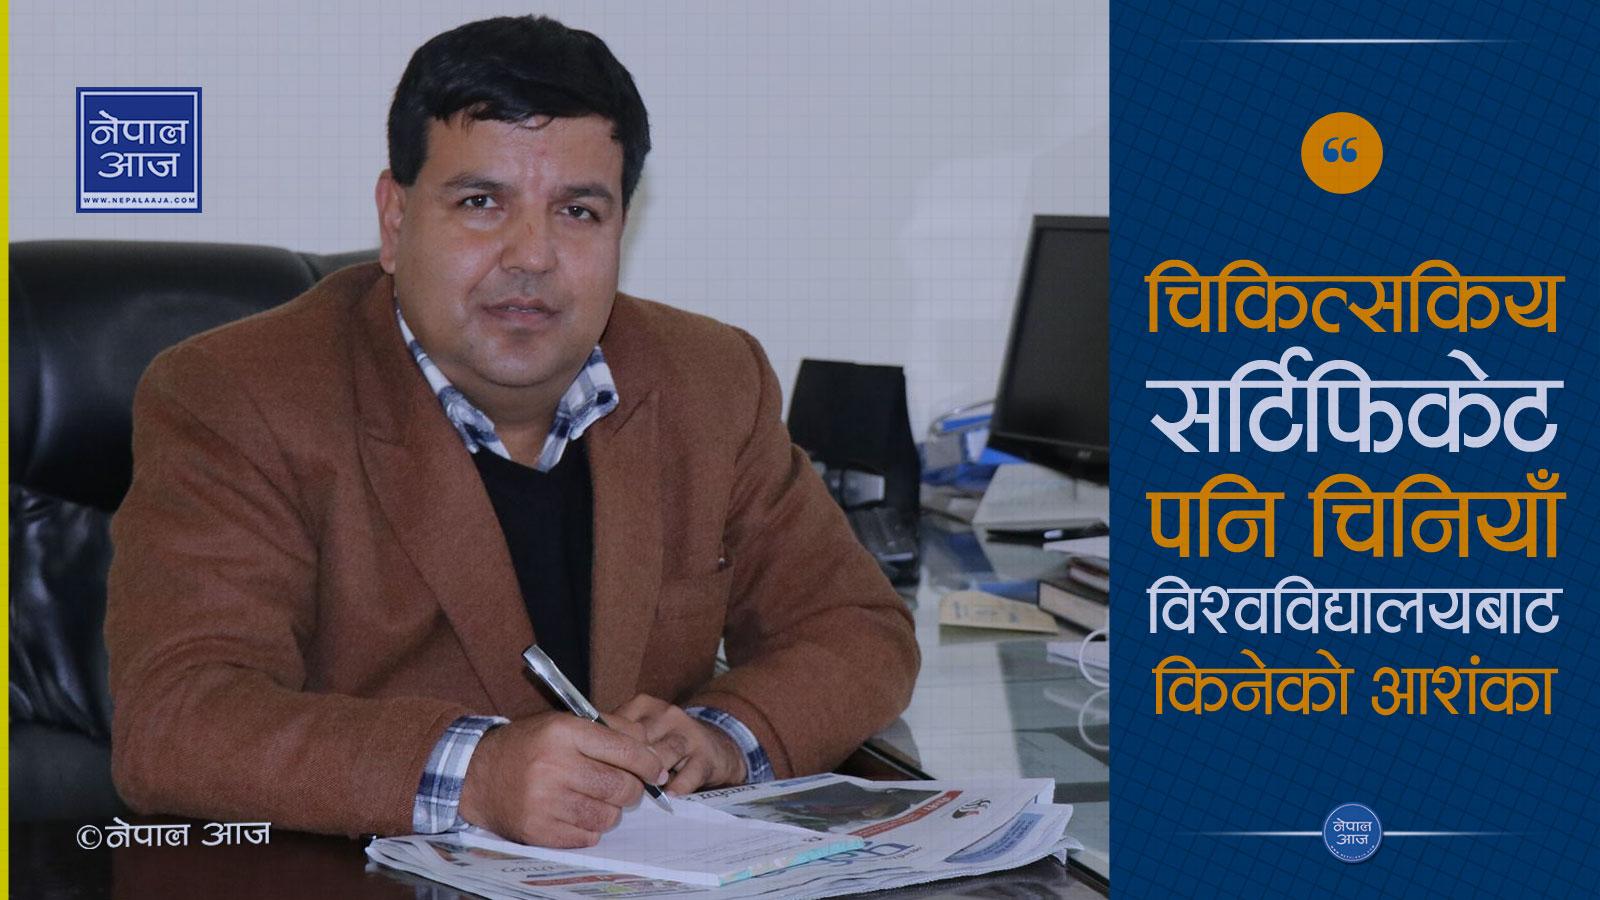 मेडिकल माफिया सुनिल शर्माको सर्टिफिकेट नक्कली